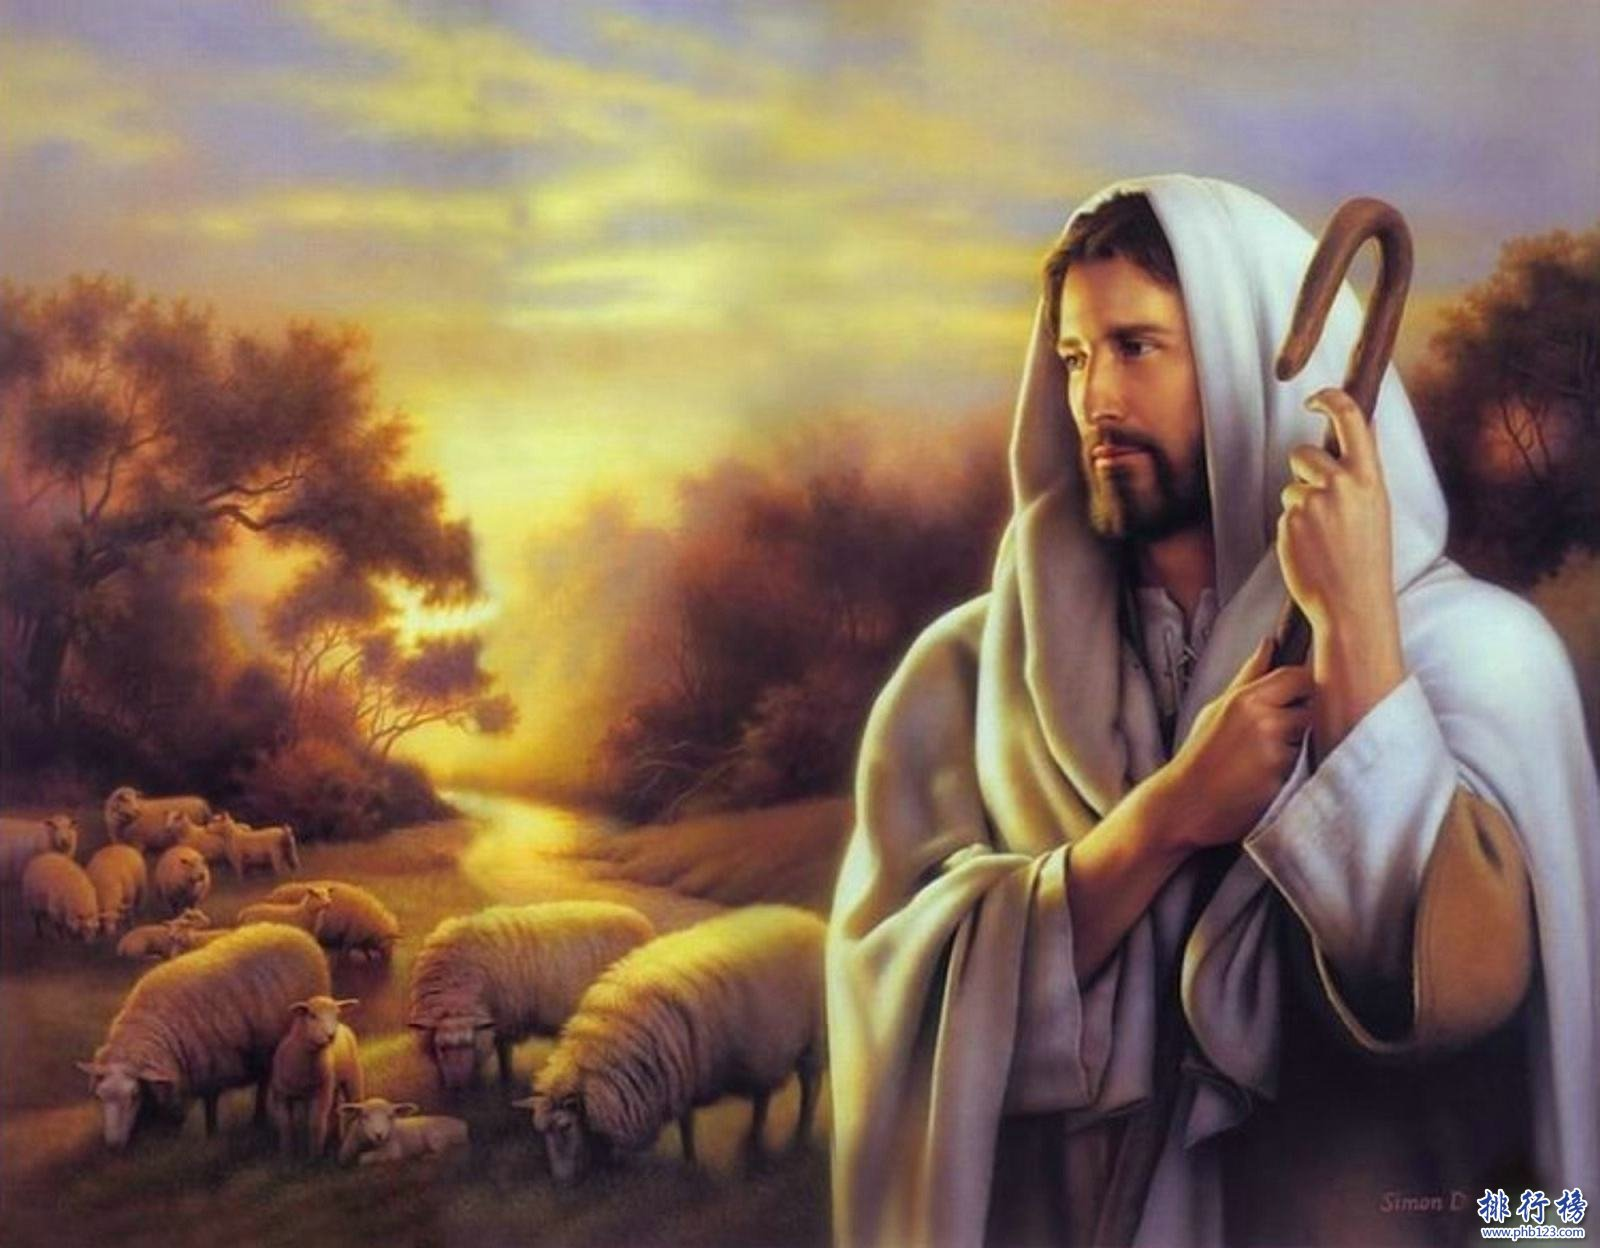 世界聖人排行榜:一個被活活燒死一個是神的轉世